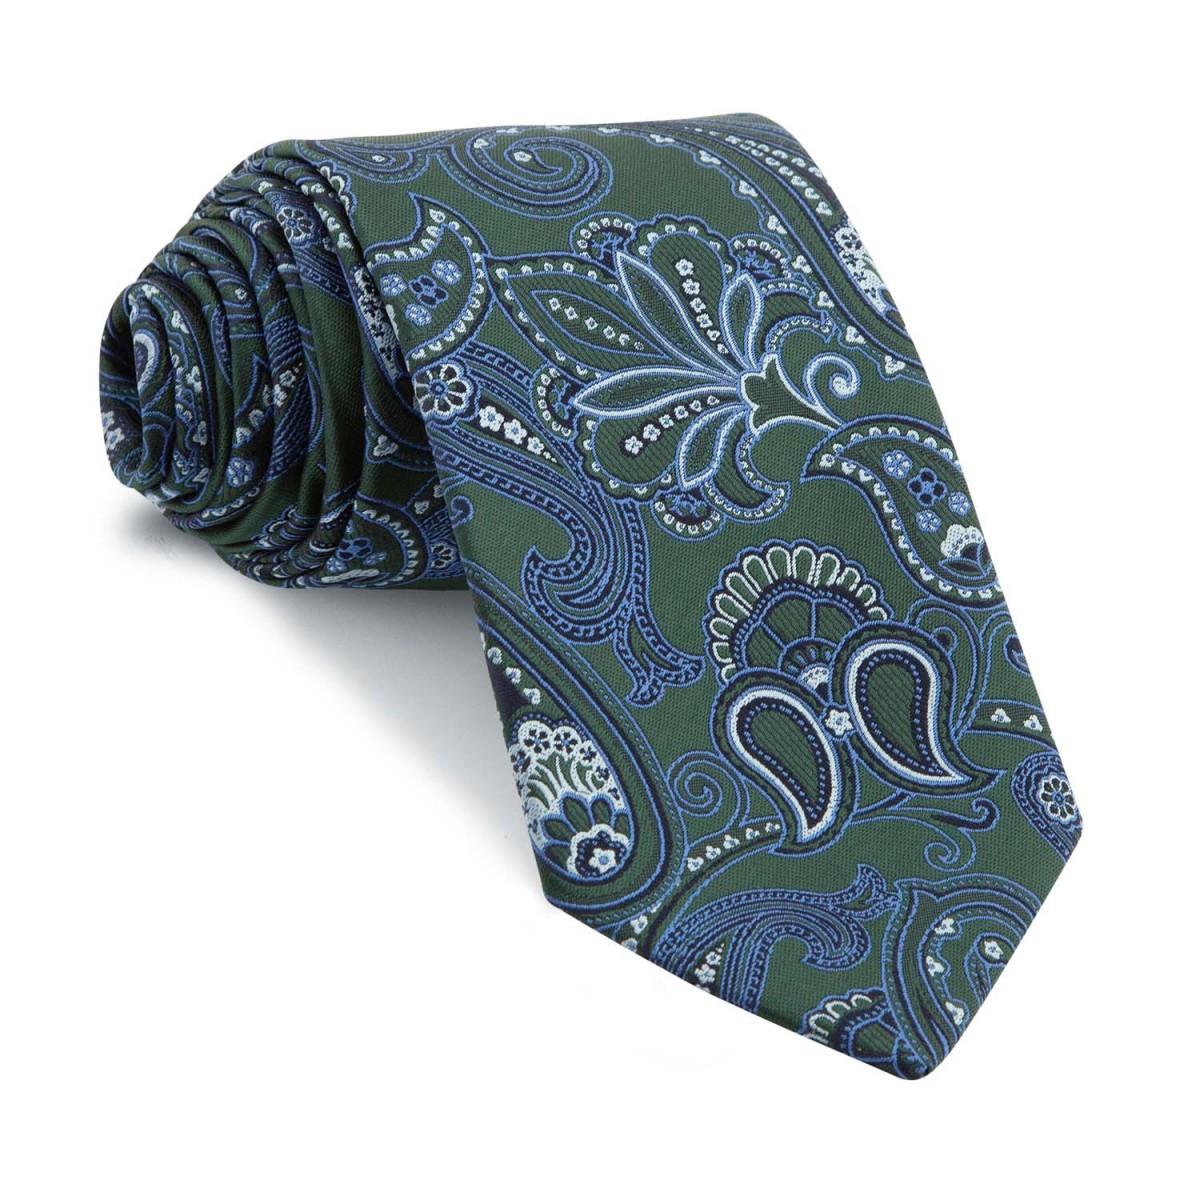 Corbata-Verde-Cachemires-Azules